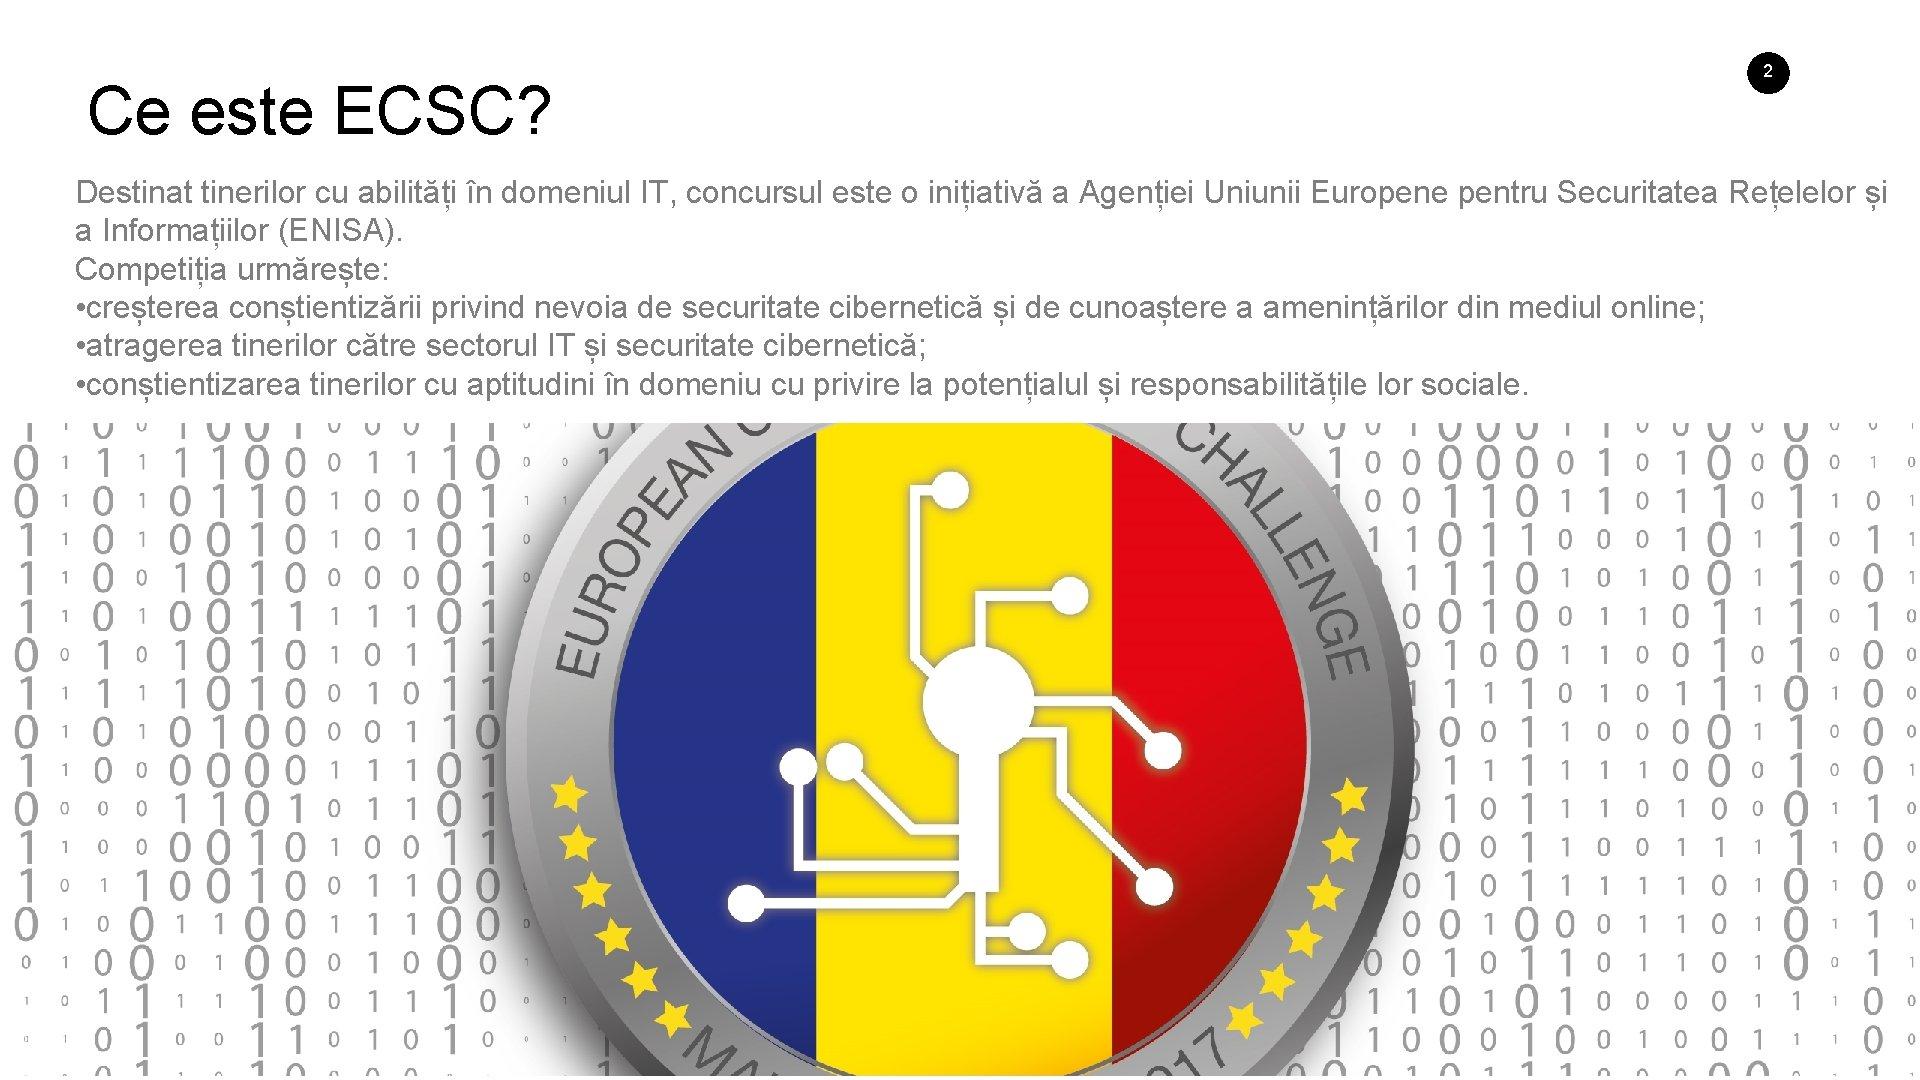 Ce este ECSC? 2 Destinat tinerilor cu abilități în domeniul IT, concursul este o